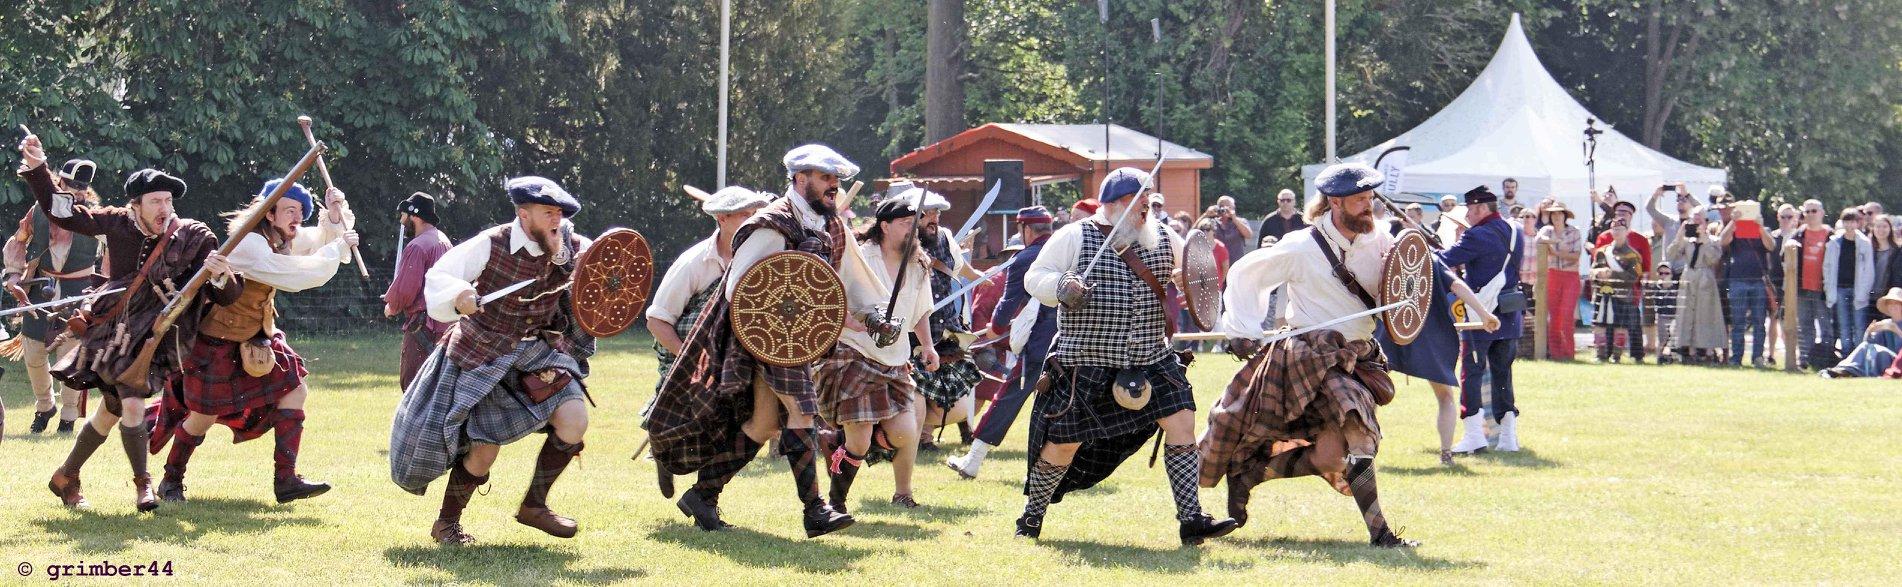 Highland Charge par Saor Alba lors des Heures Historiques de Sully sur Loire 2018 (multi-époque), auteur : Bernard Grimaud